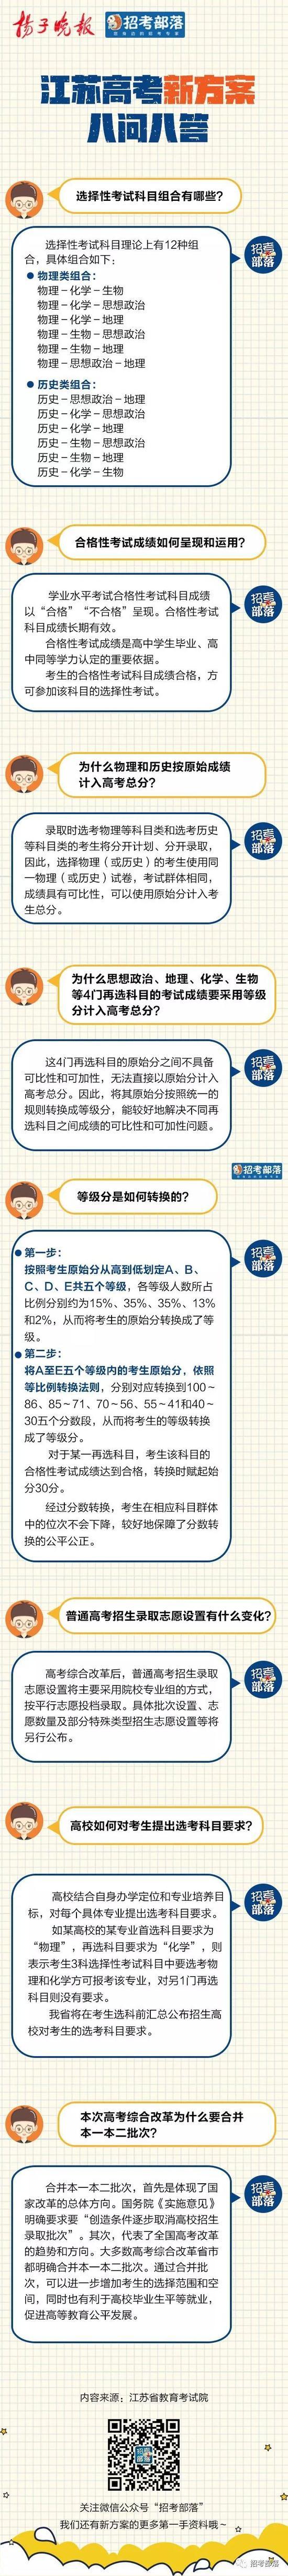 江苏新高考方案出炉:3+1+2模式 满分变750